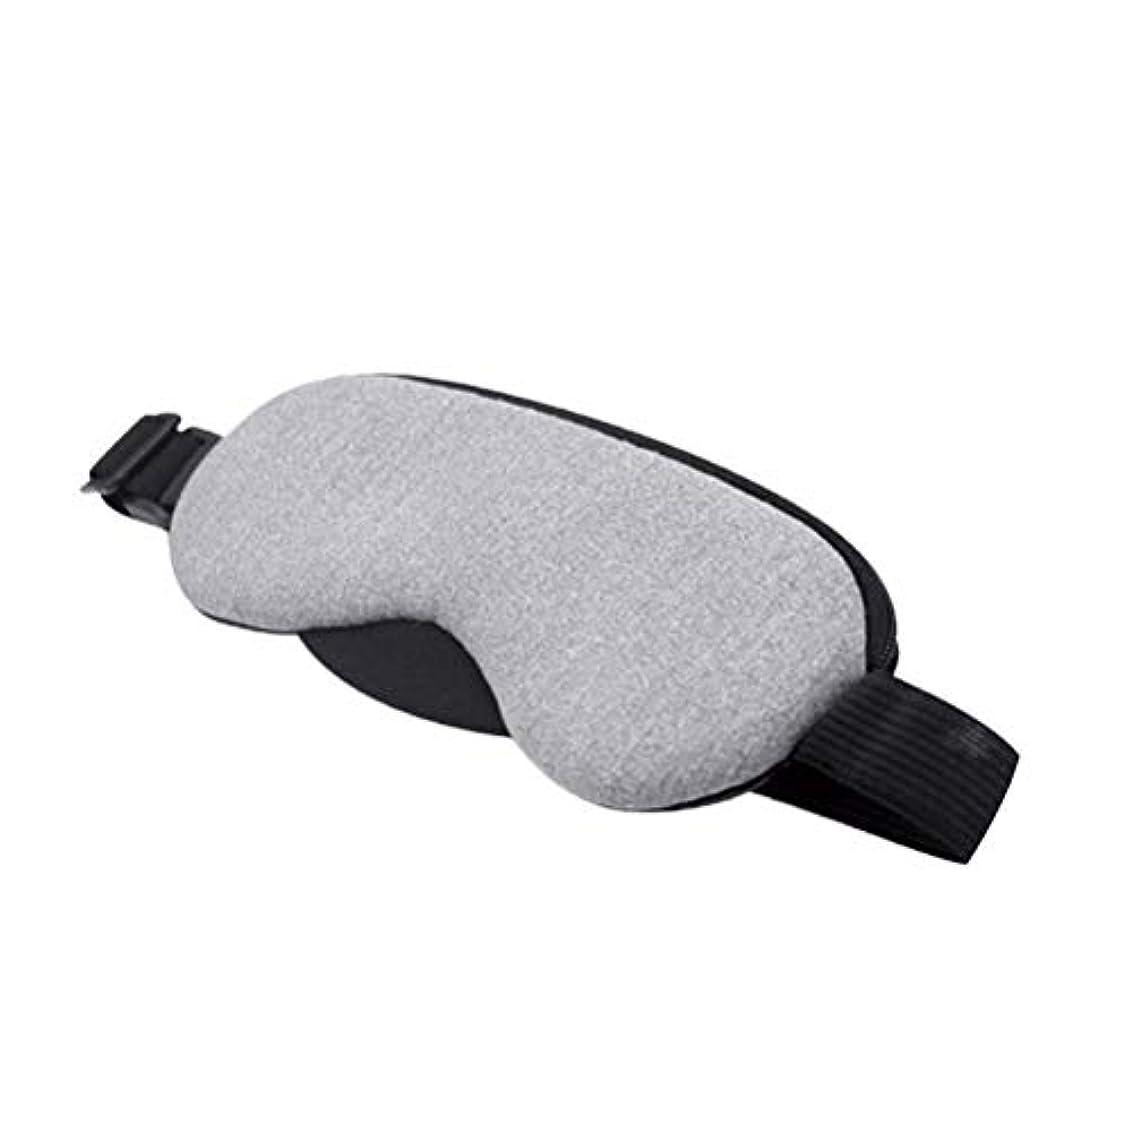 バット法令ピンチHealifty アイマスク 蒸気ホットアイマスク USB 加熱式 スリーピングアイマスク 温度とタイミング制御 吹き出物/乾燥/疲れた目(灰色)